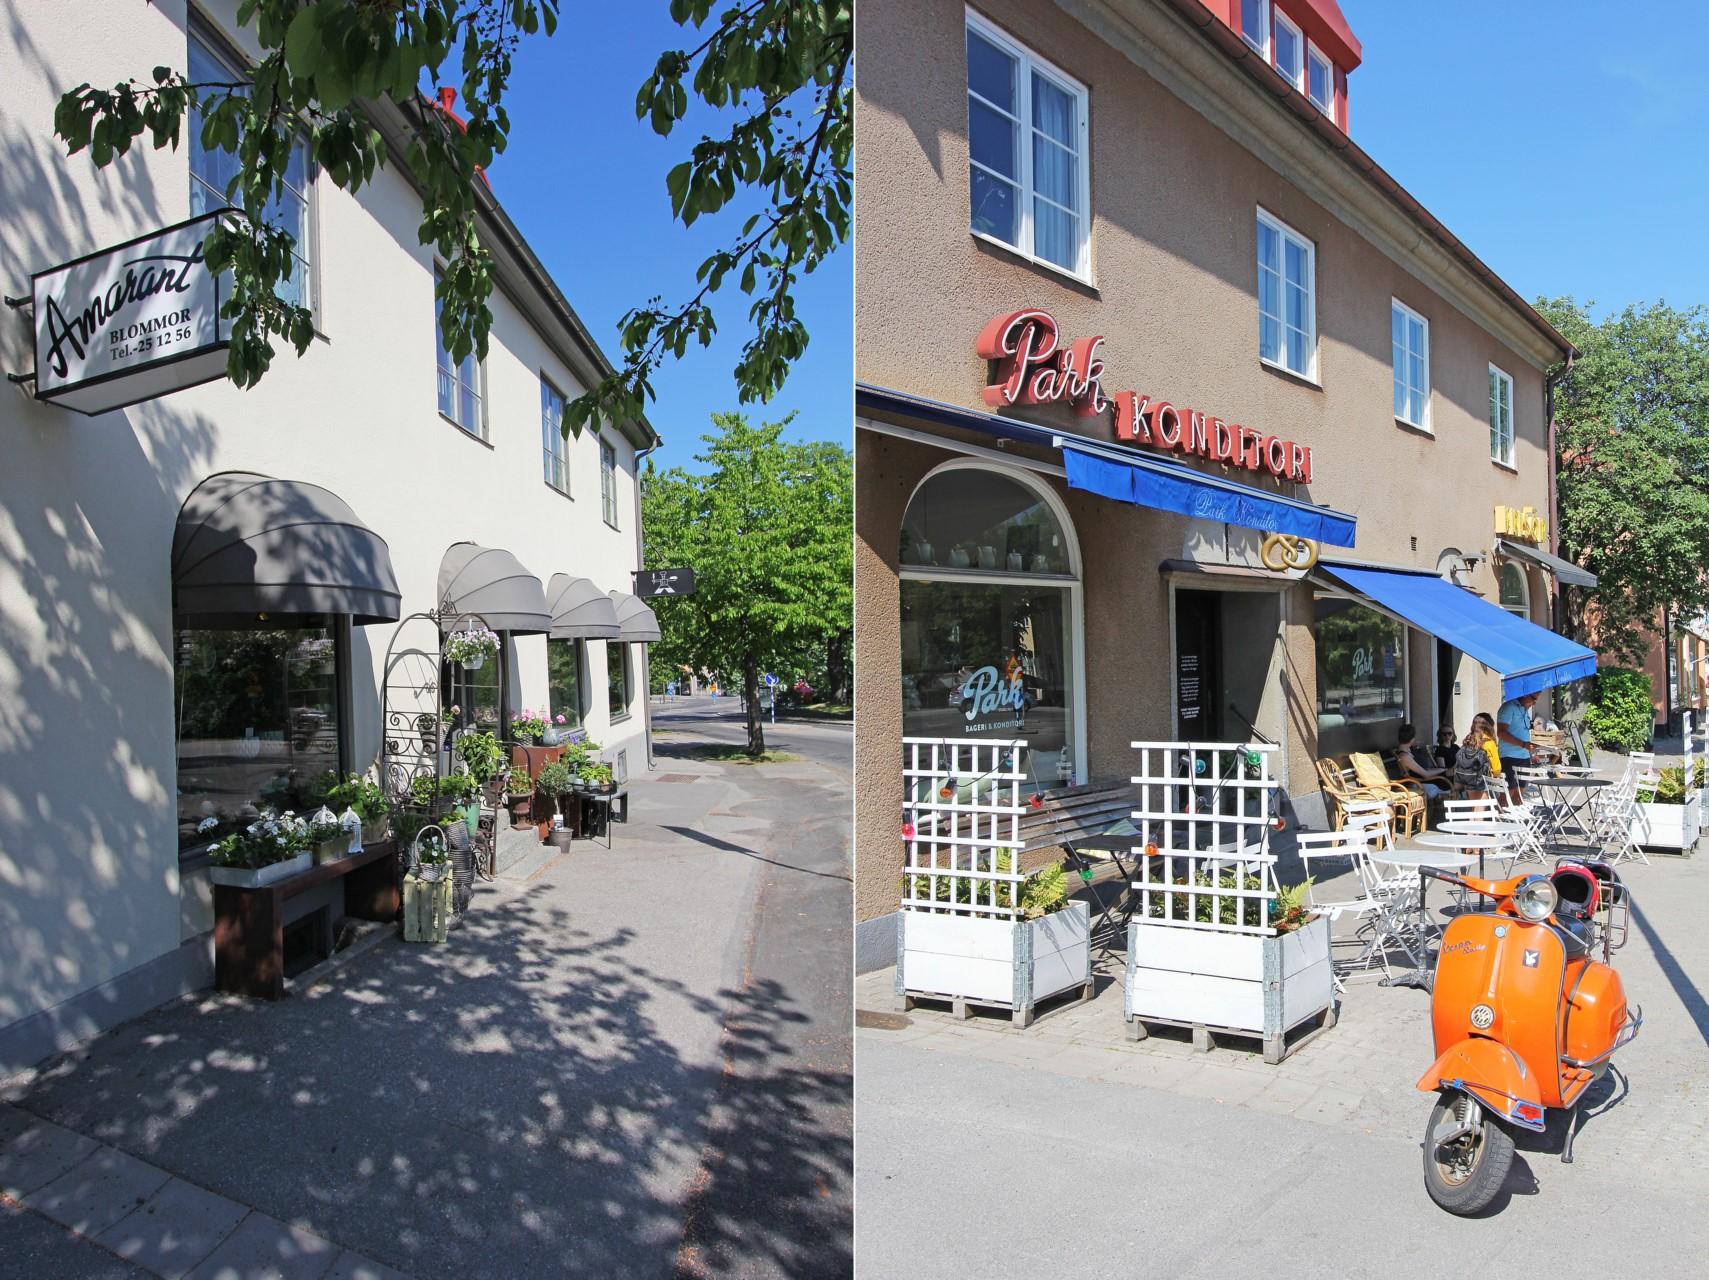 Park konditori & blomsteraffär vid Alléparken